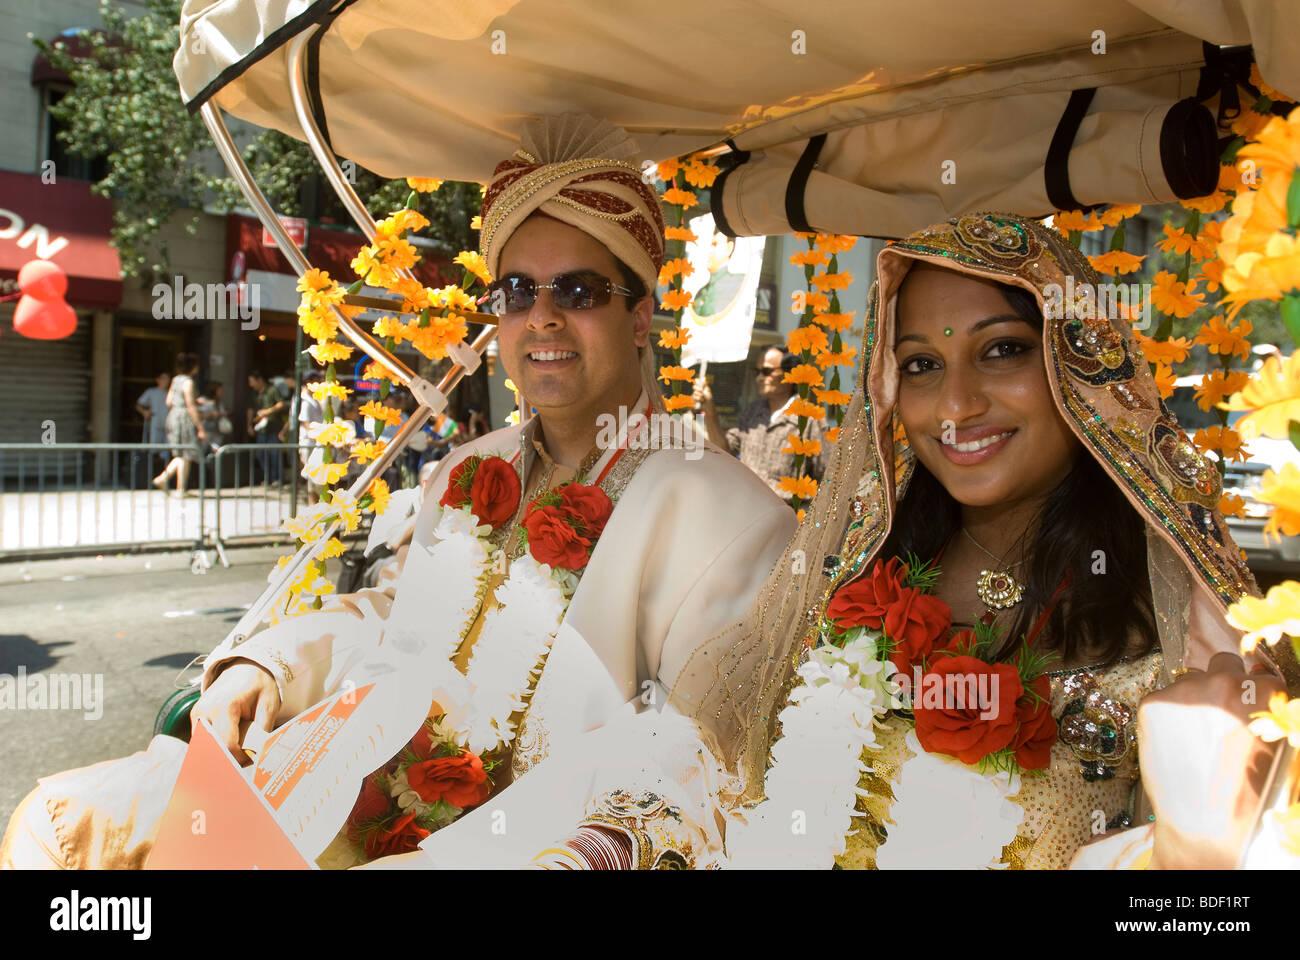 Un grupo que promovía el matrimonio de Bharat dating service en el Desfile del Día de la independencia Imagen De Stock